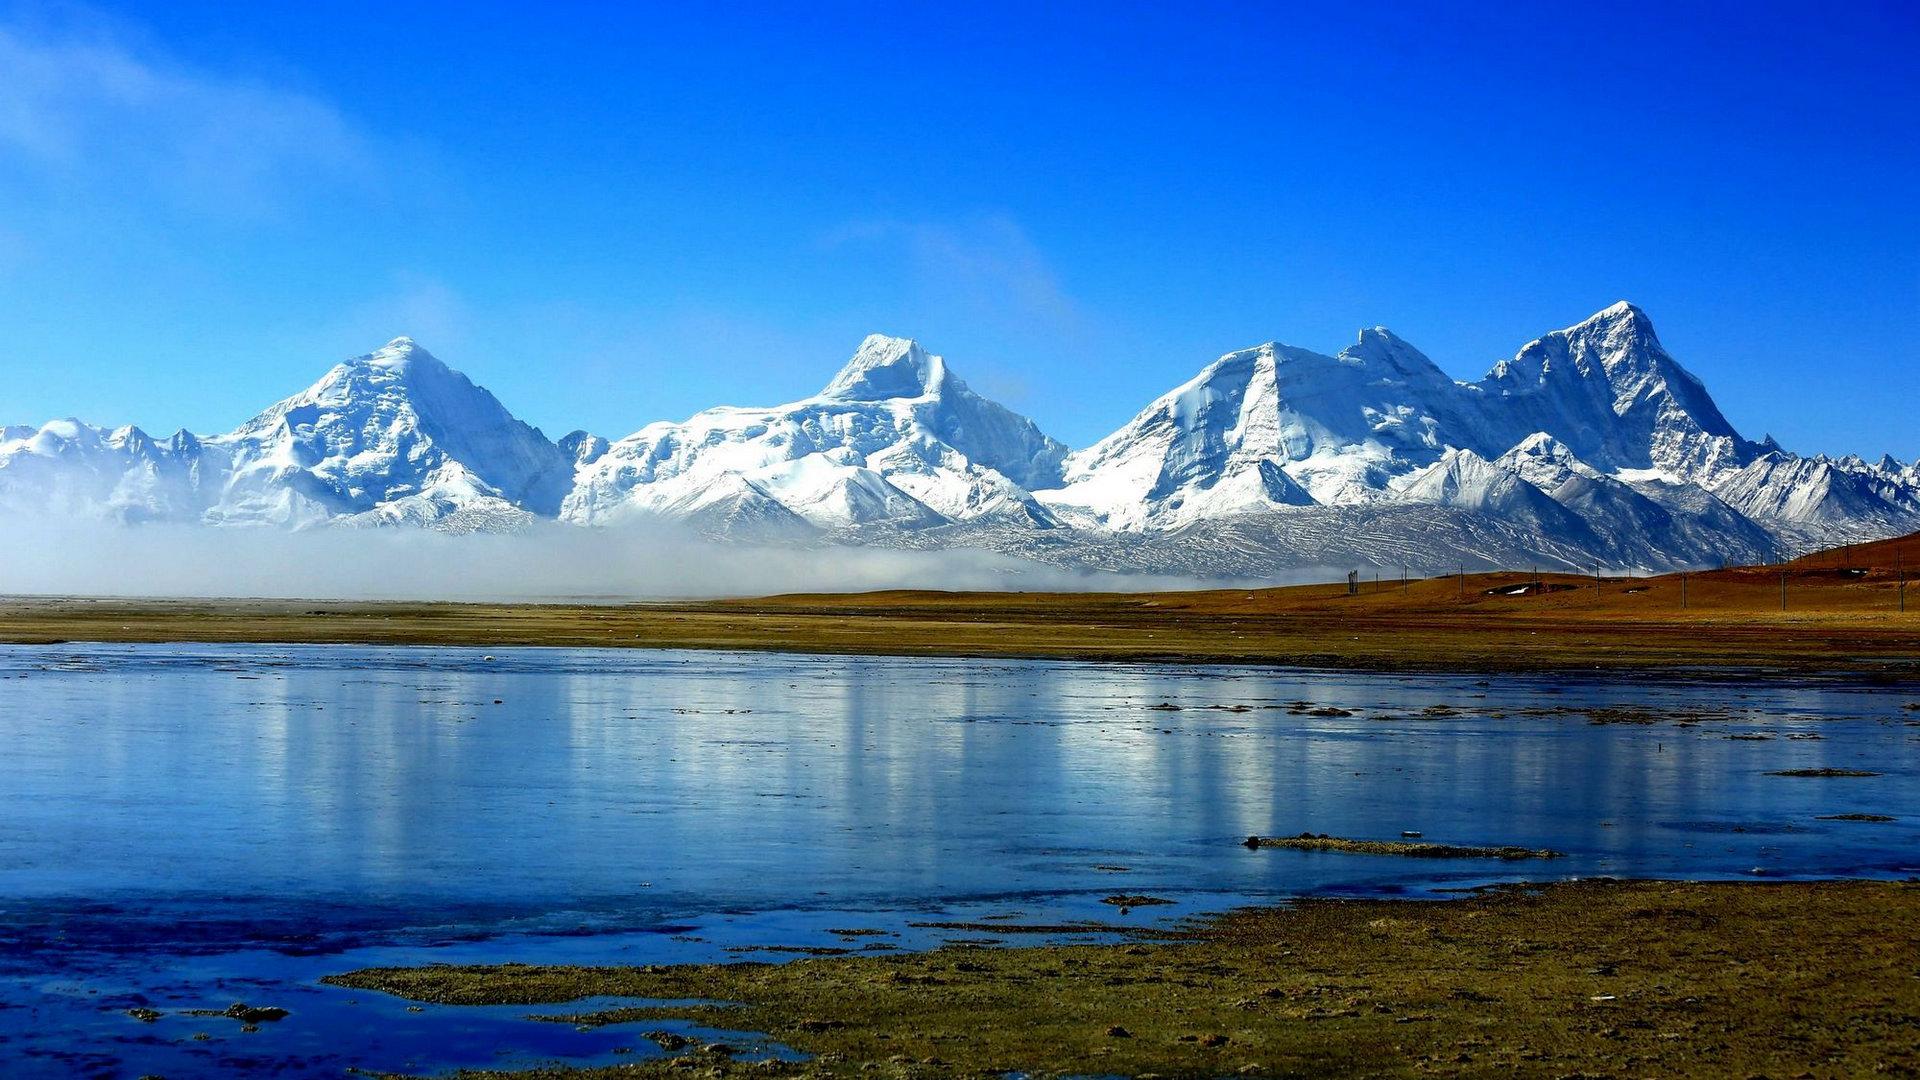 川藏線私人訂制旅游,給你一次前所未有的完美旅行